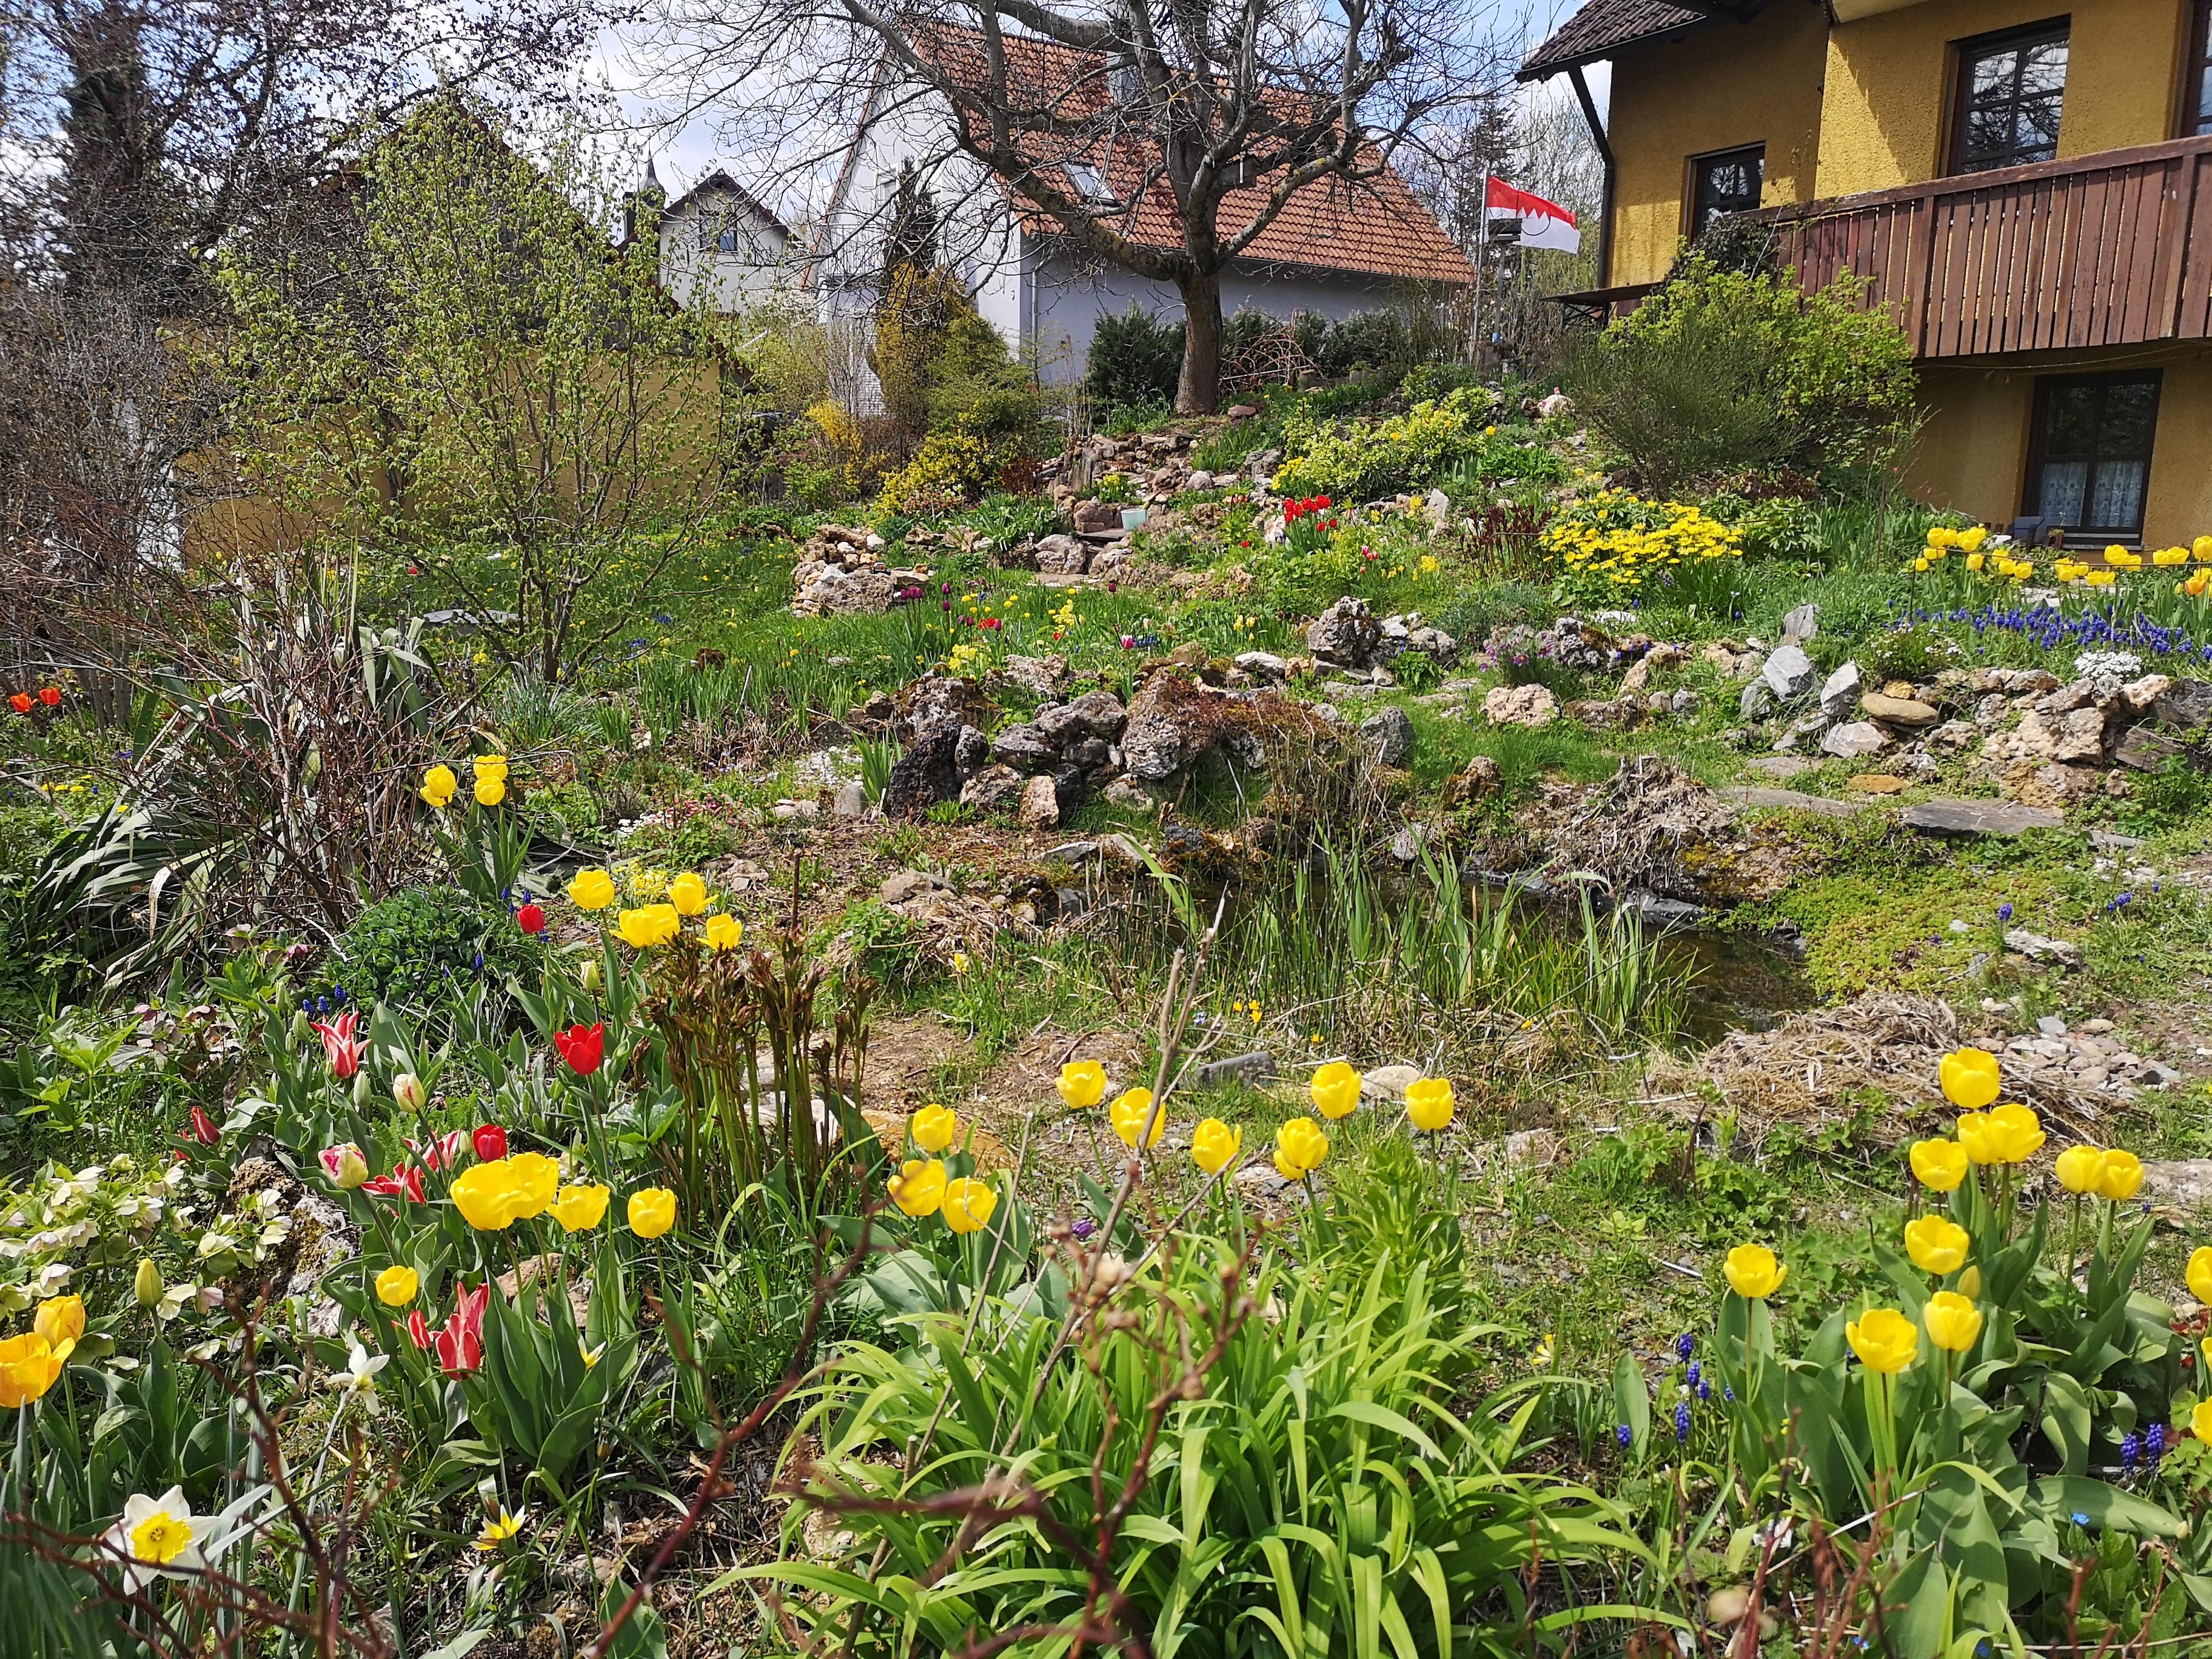 2021-05-03-Neunkirchenb.-Bt.-Fo.-J.K.